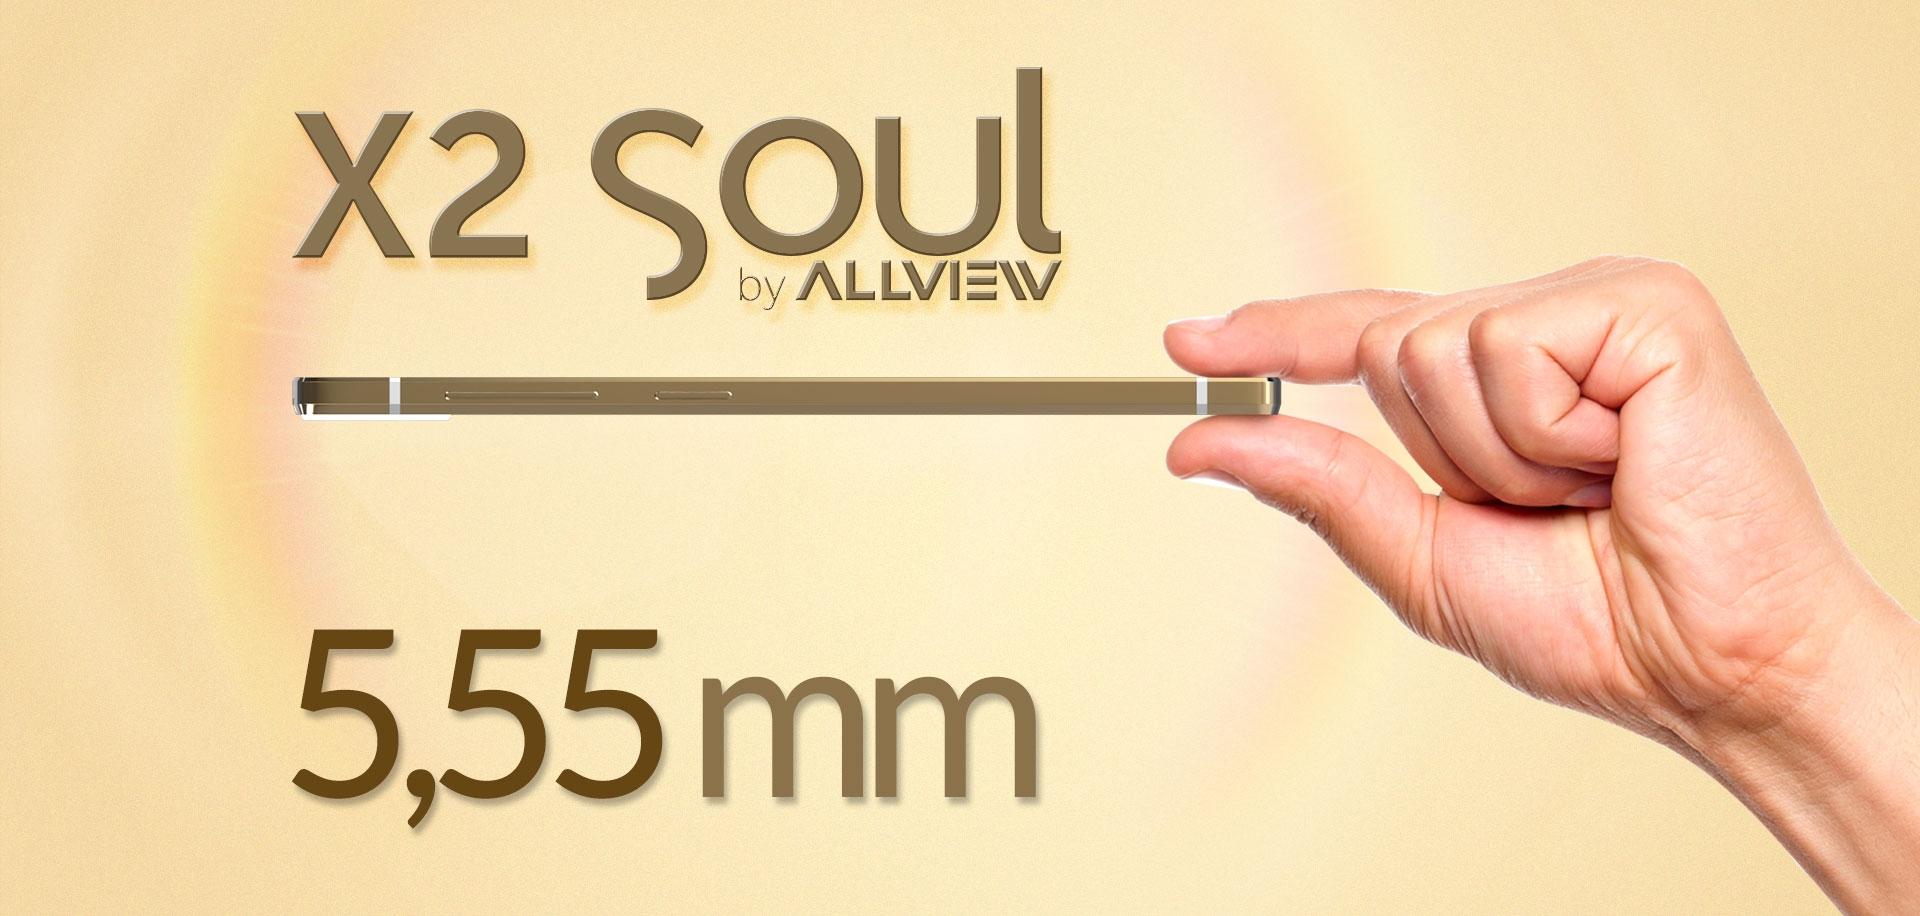 Allview_X2Soul_2